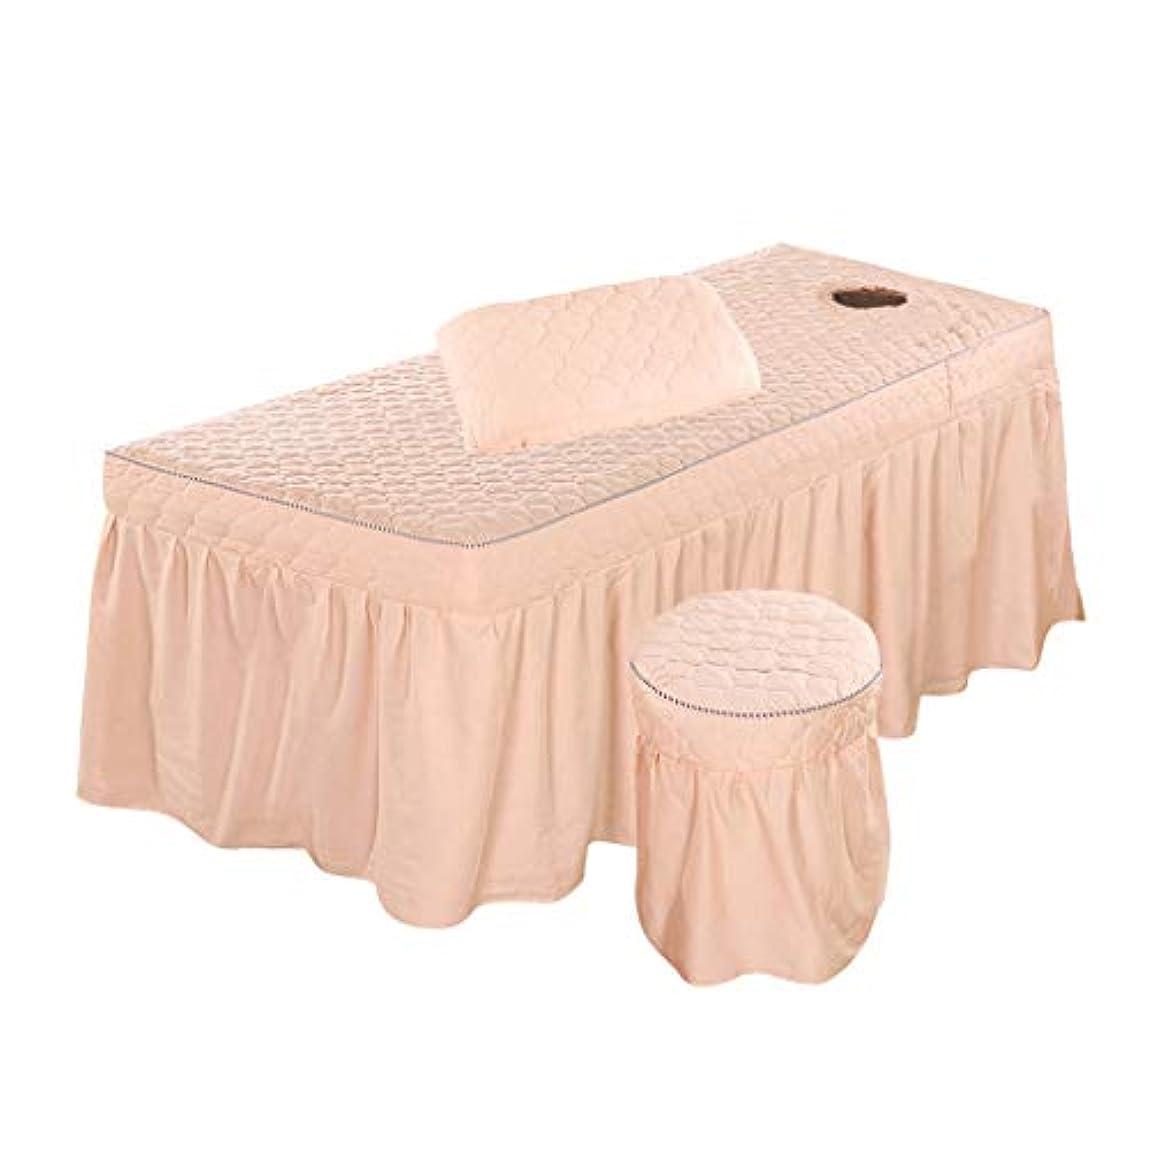 卒業記念アルバムイル以内にマッサージベッドカバー 有孔 スツールカバー 枕カバー 快適 3個/セット - ライトピンク